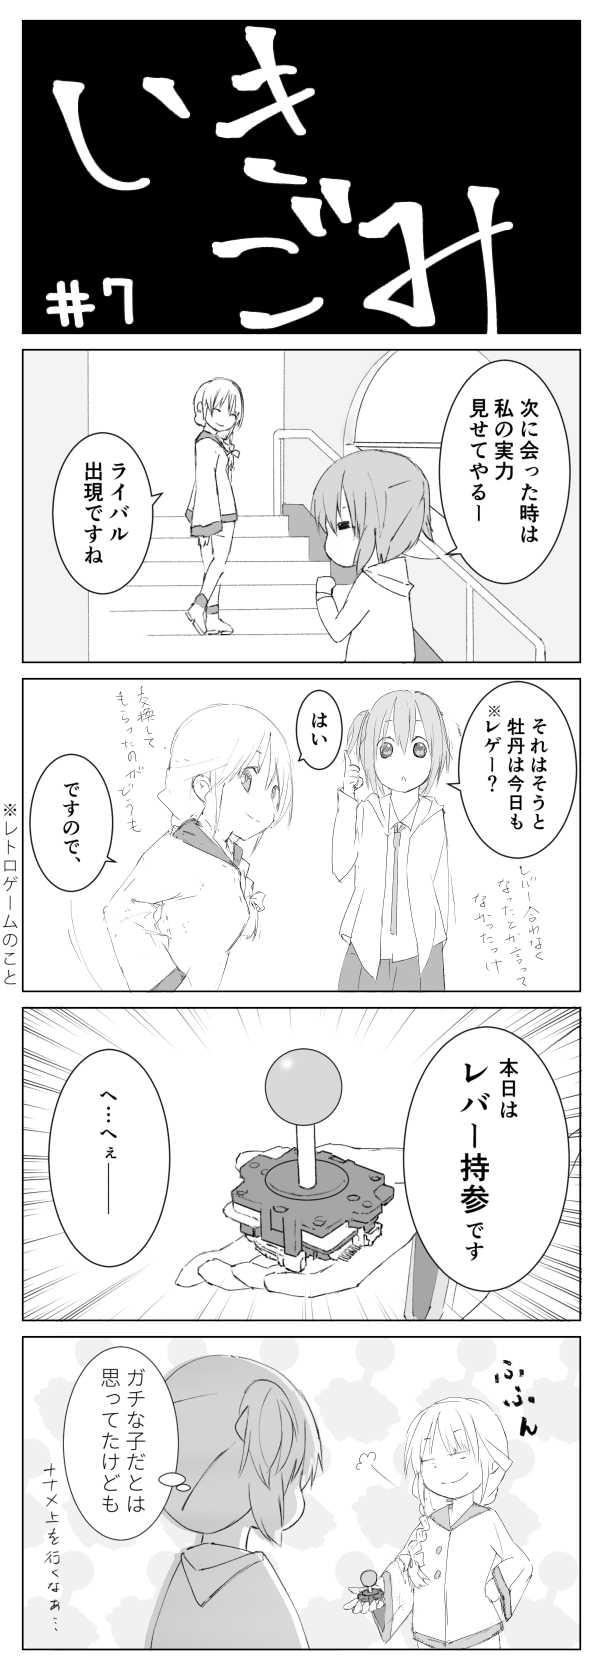 たゆたRom. 7本目「いきごみ」